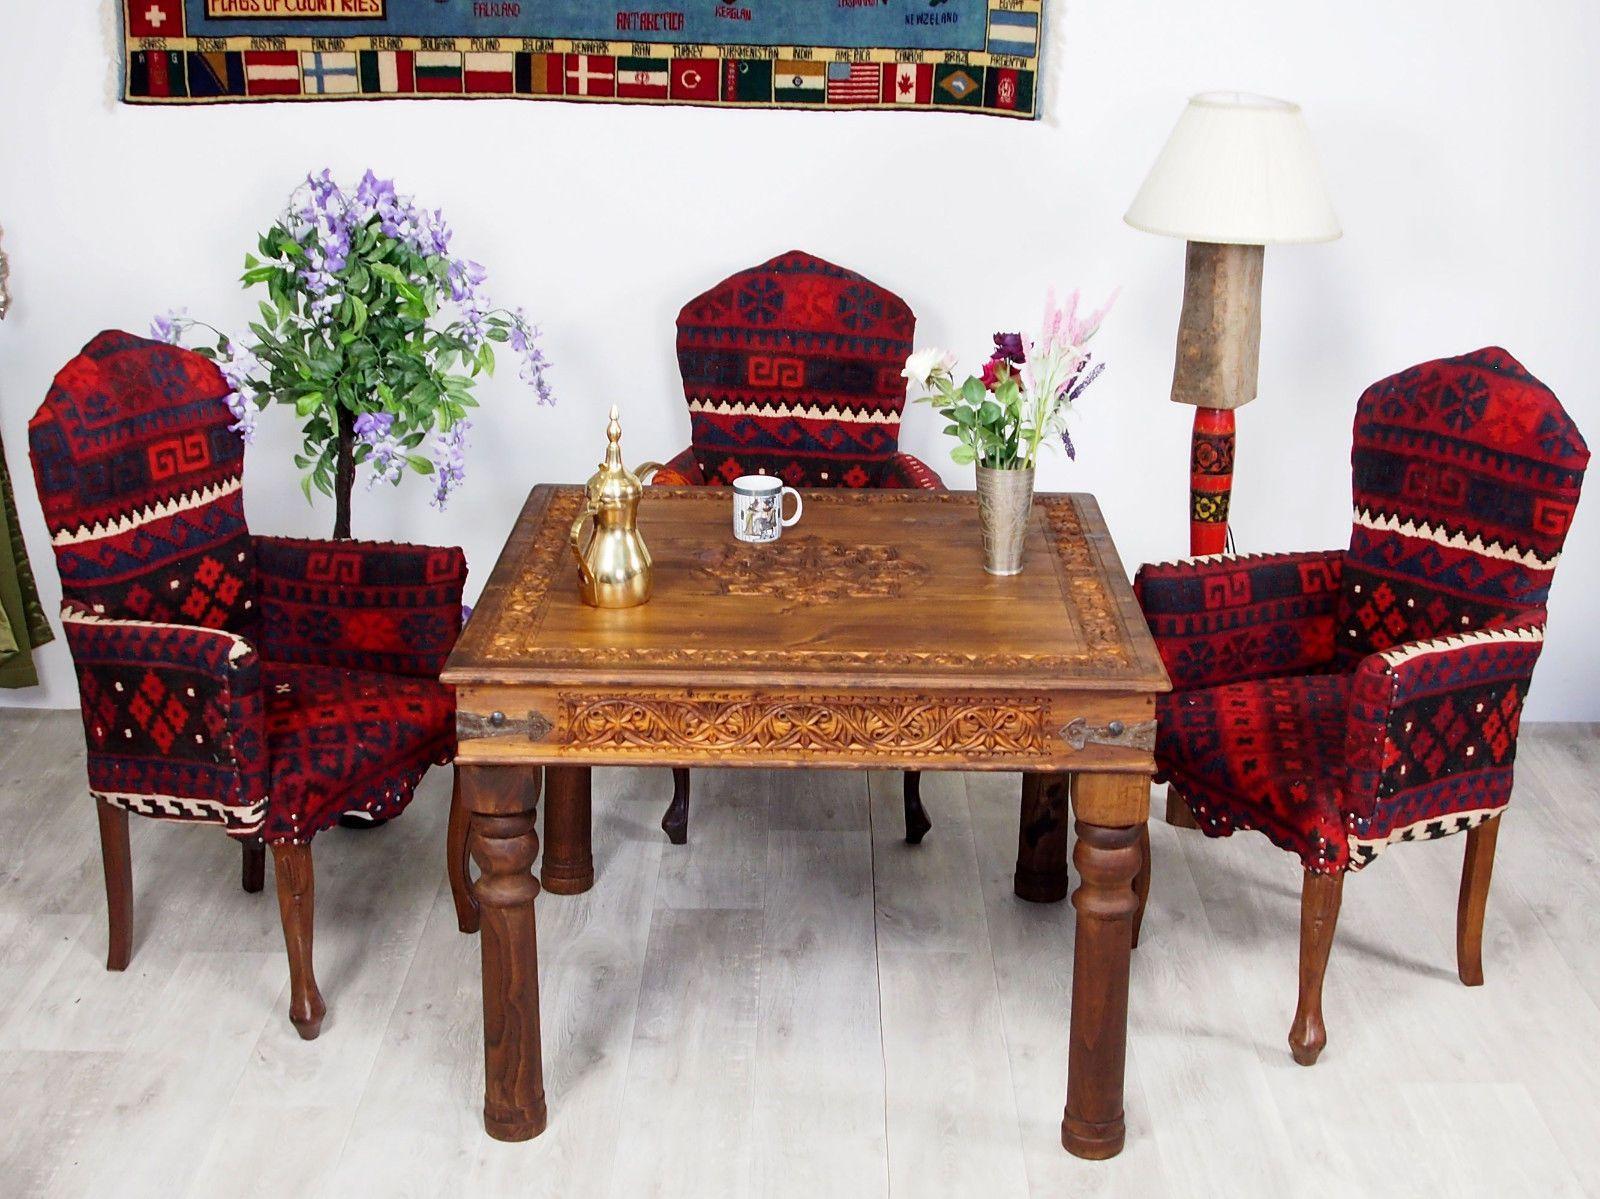 Bezaubernd Esstisch 100x100 Referenz Von Cm Antik-look Orient Massiv Holz Tisch Küchentisch